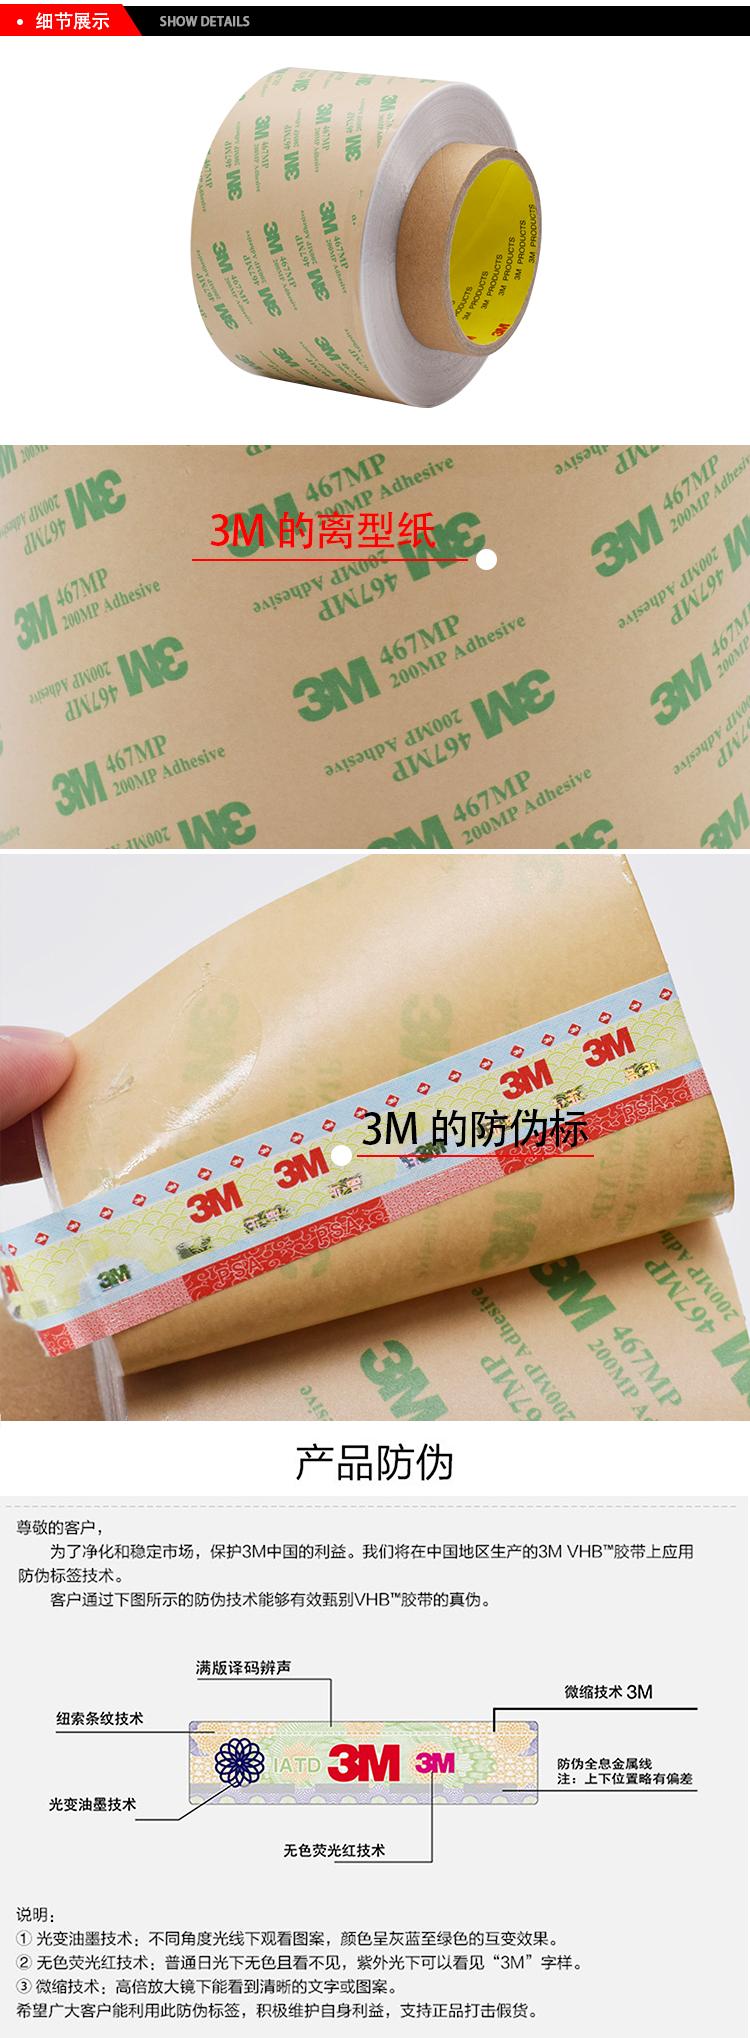 3M467系列双面胶耐高温无基材细节展示